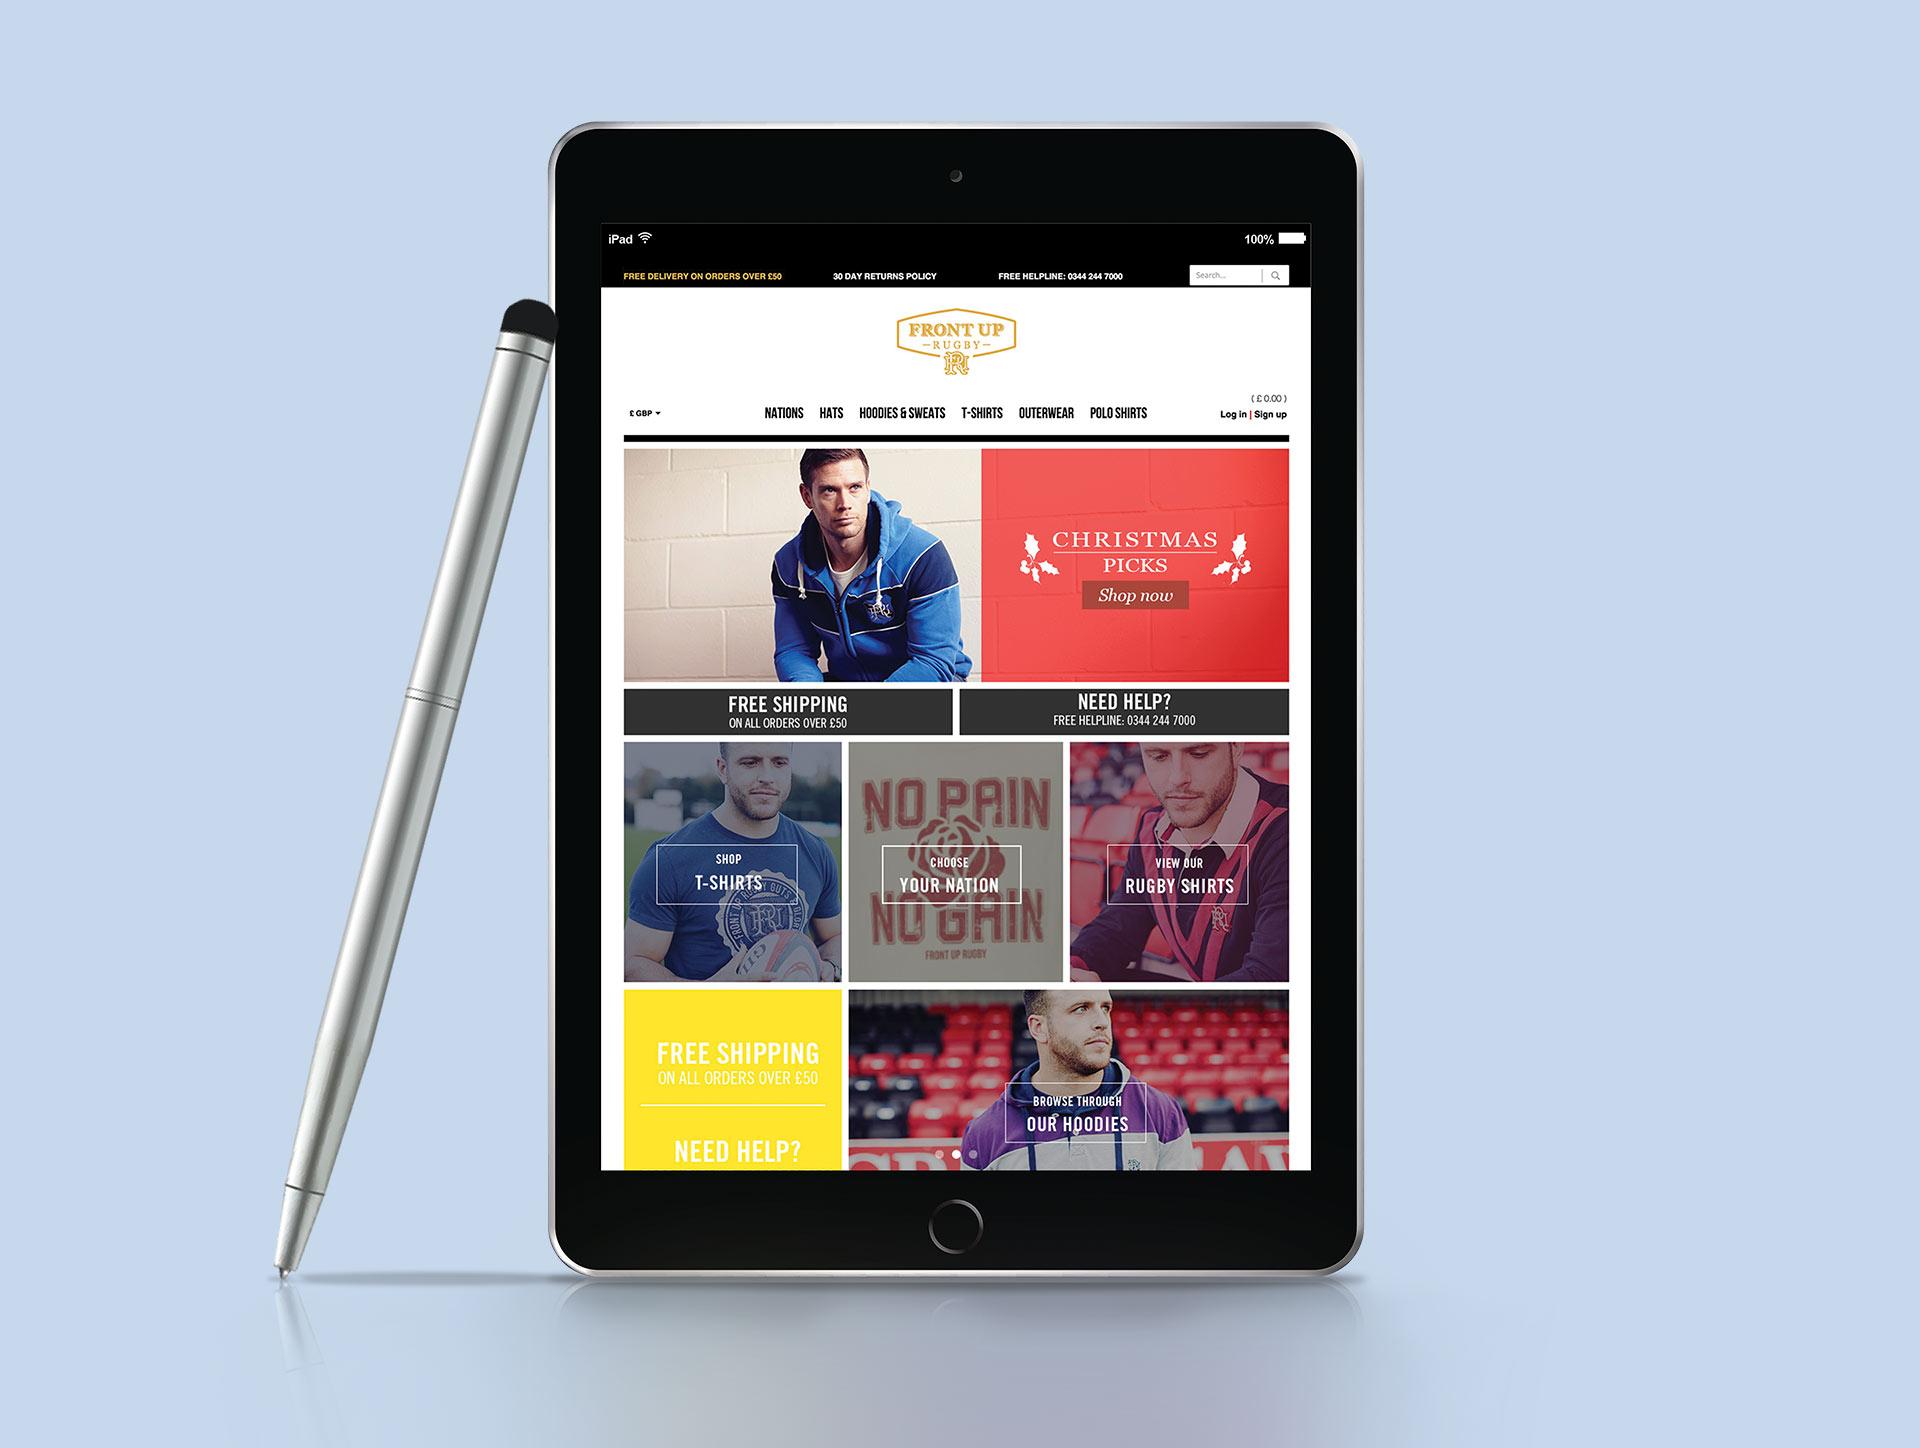 front-up-website-design